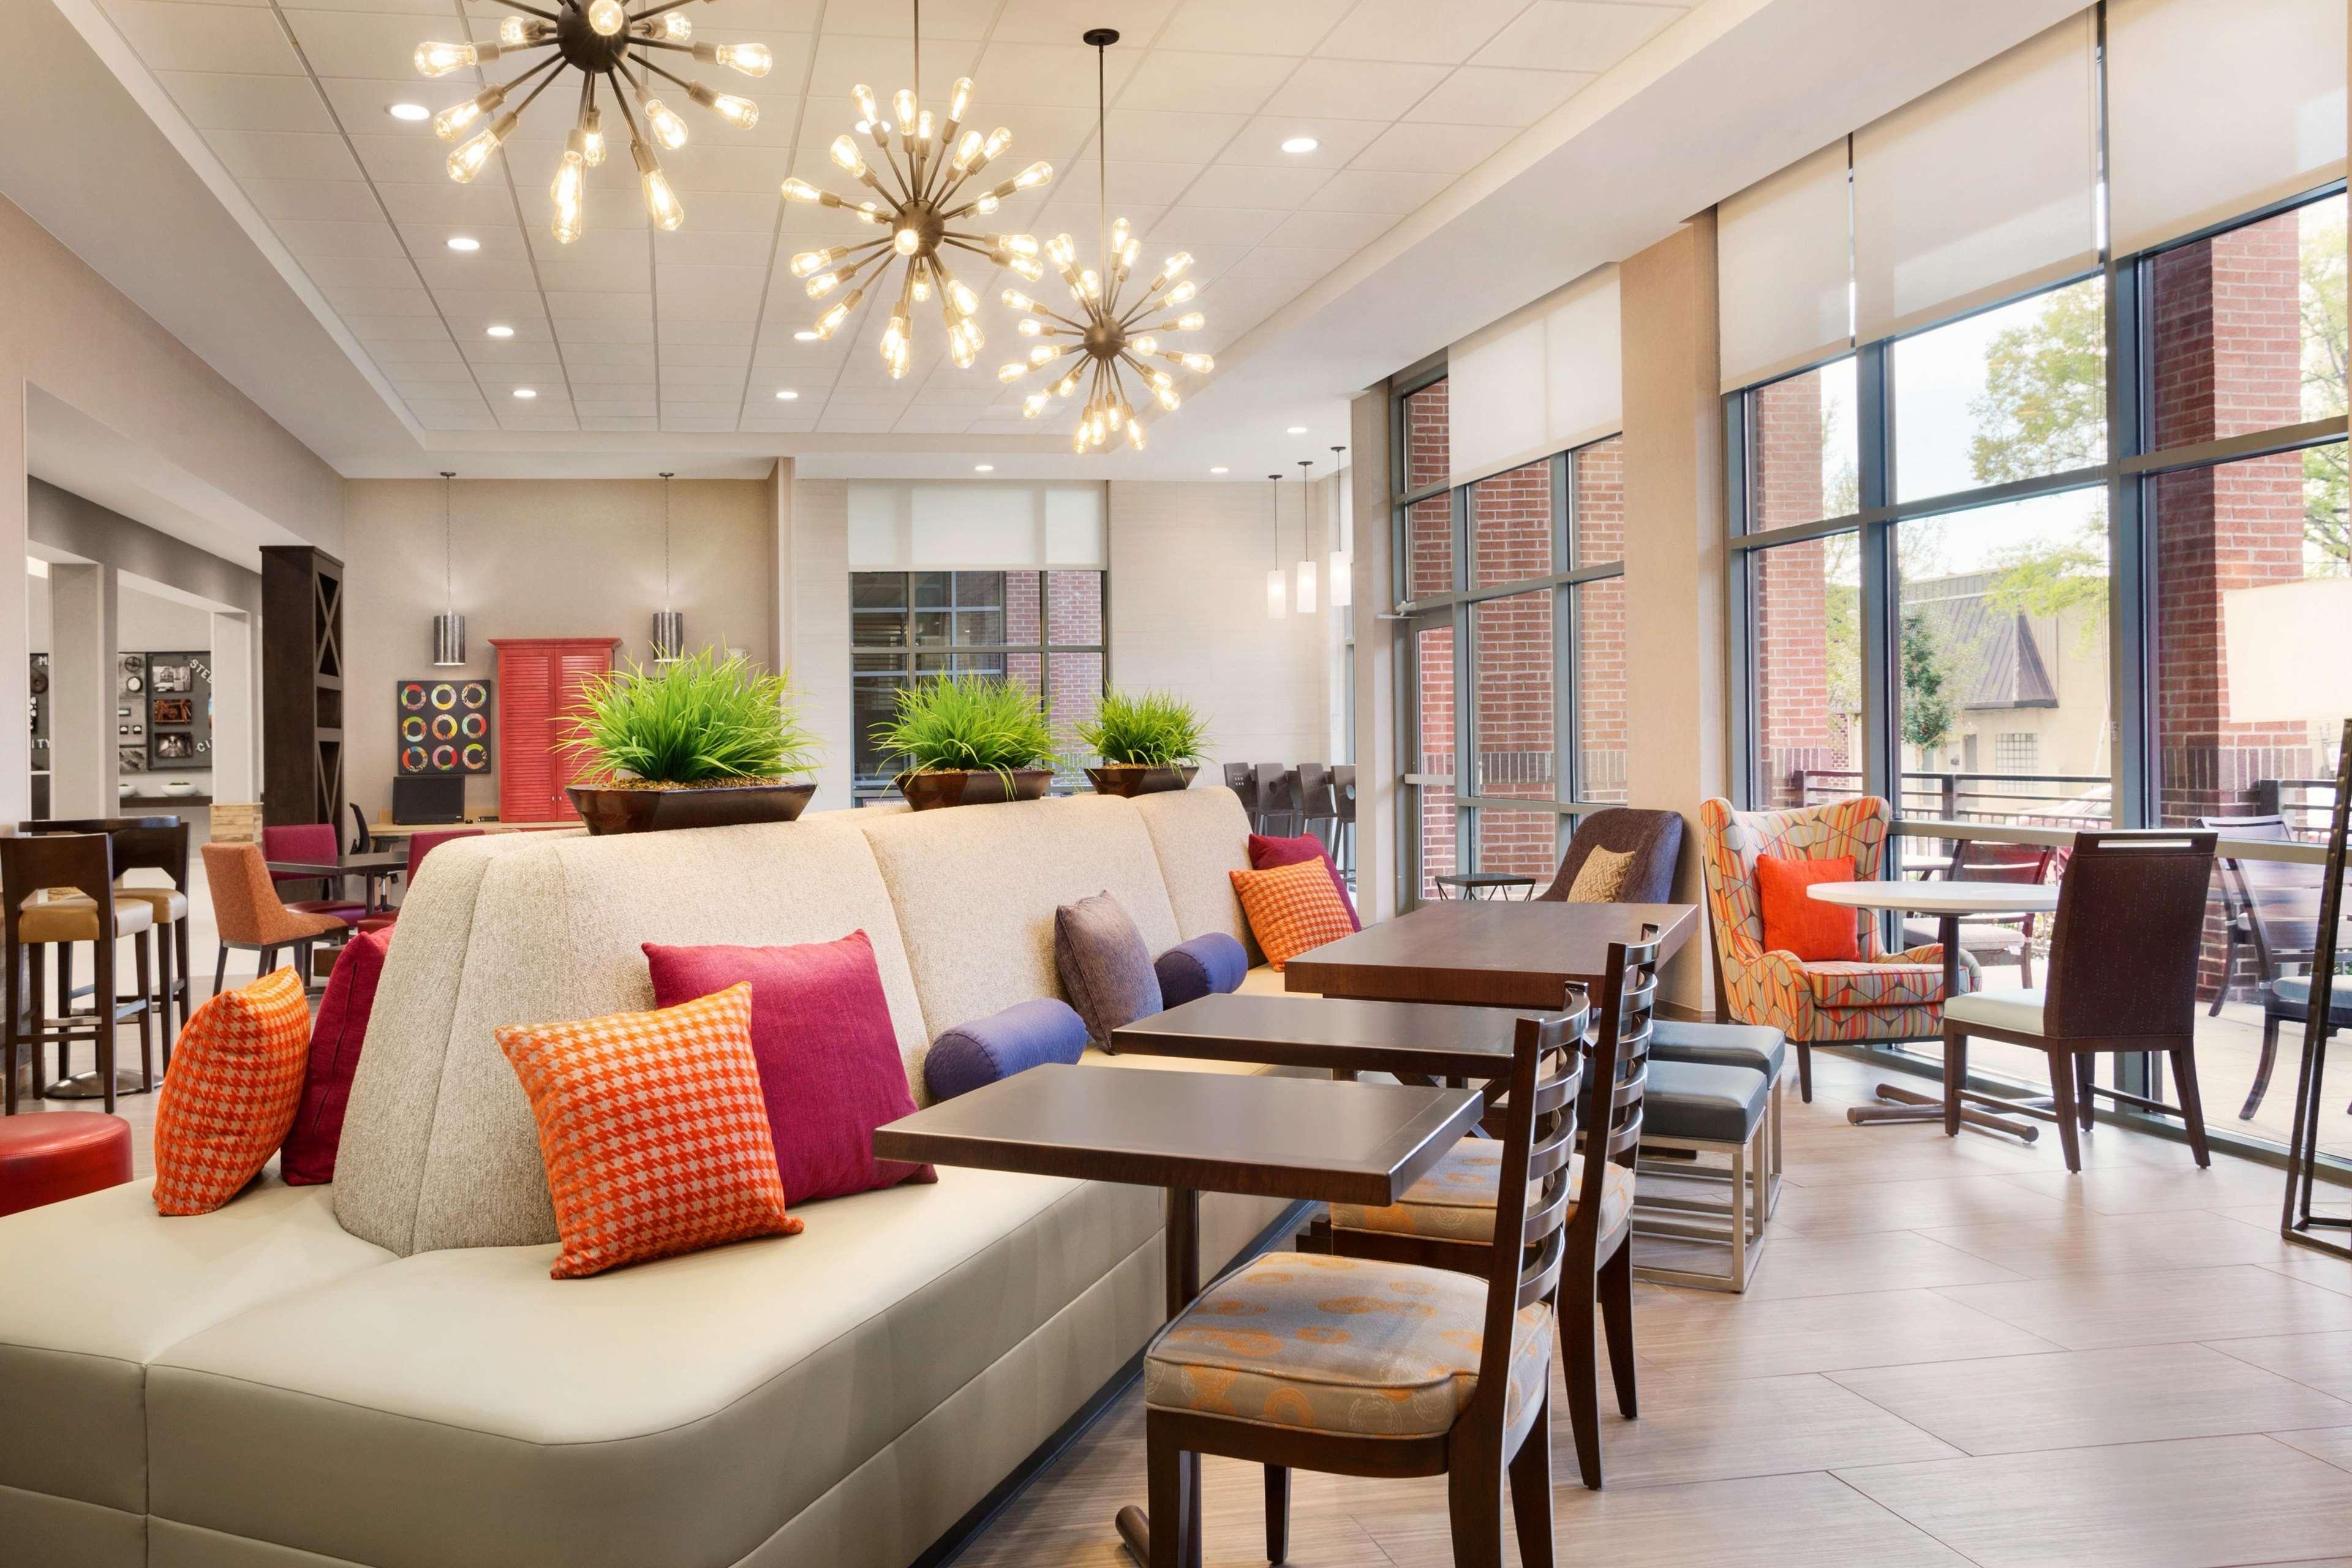 Home2 Suites by Hilton Birmingham Downtown image 12